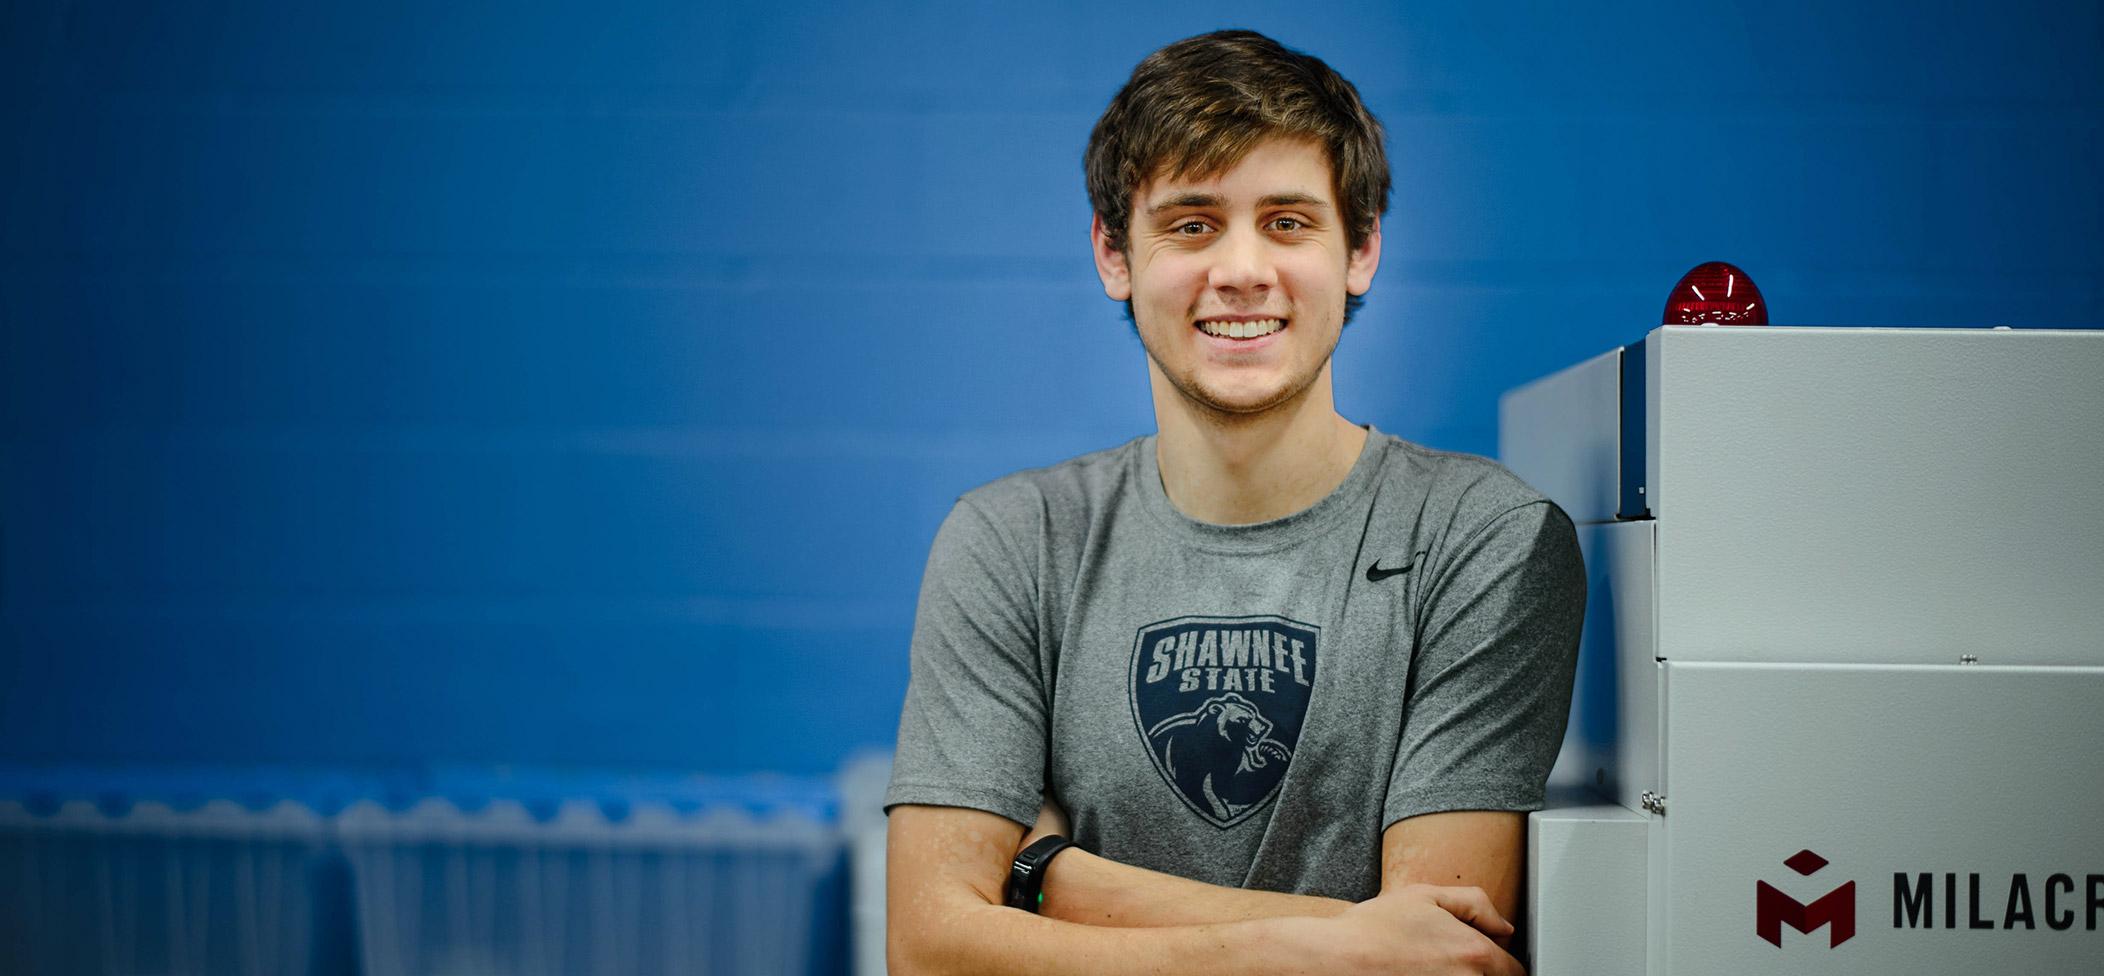 Aaron Mazurkiewicz smiling